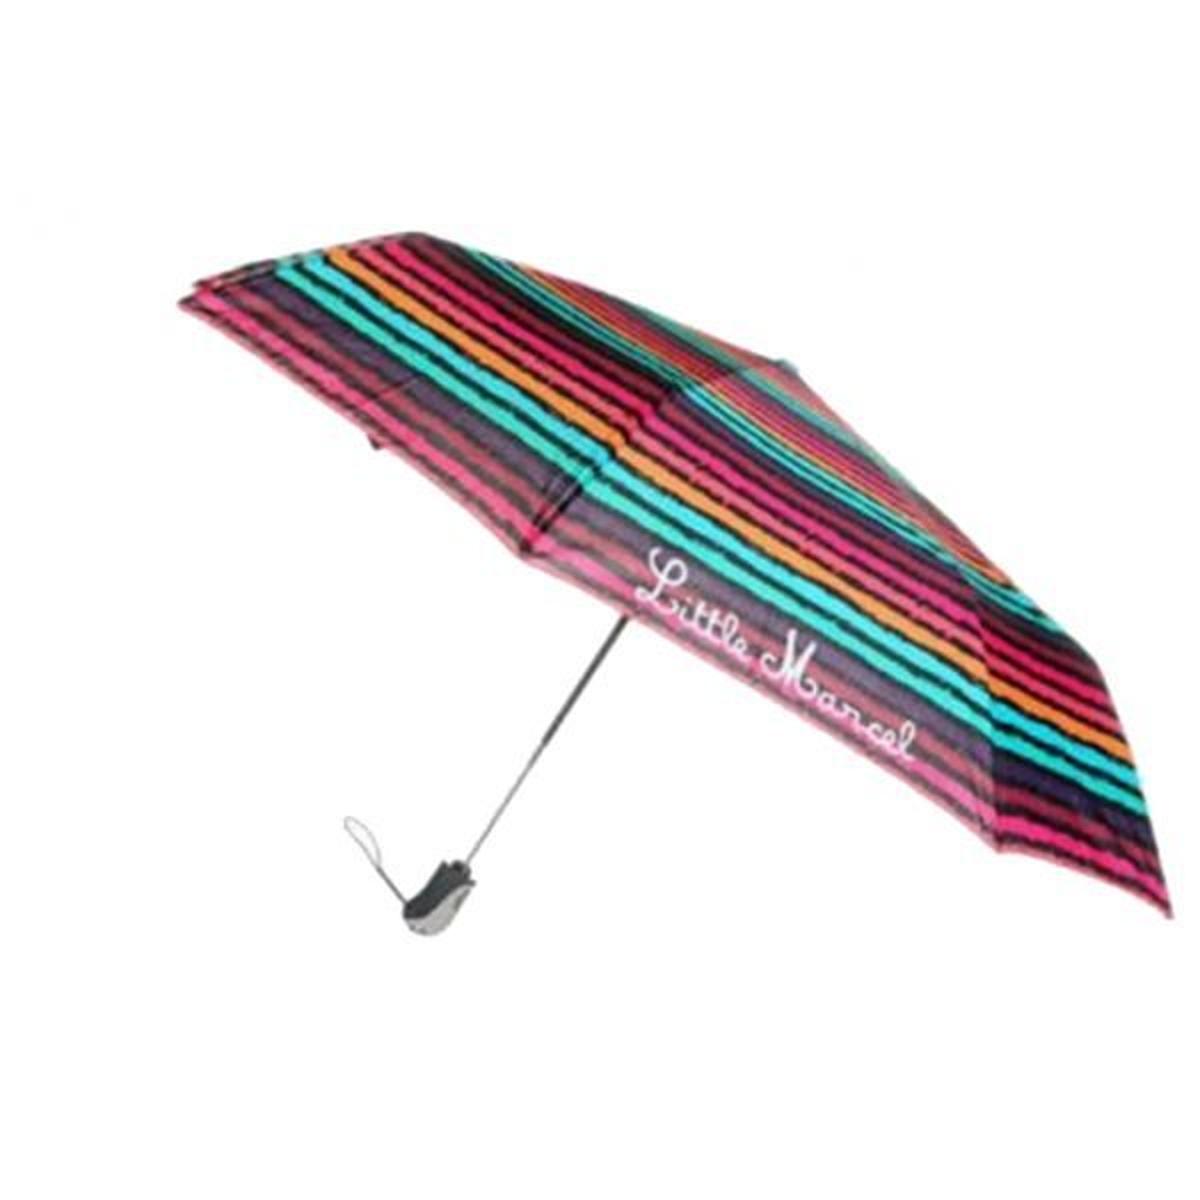 Parapluie Little Marcel PAULA PAINT Rayures Multicolores PAULA 287 PAINT